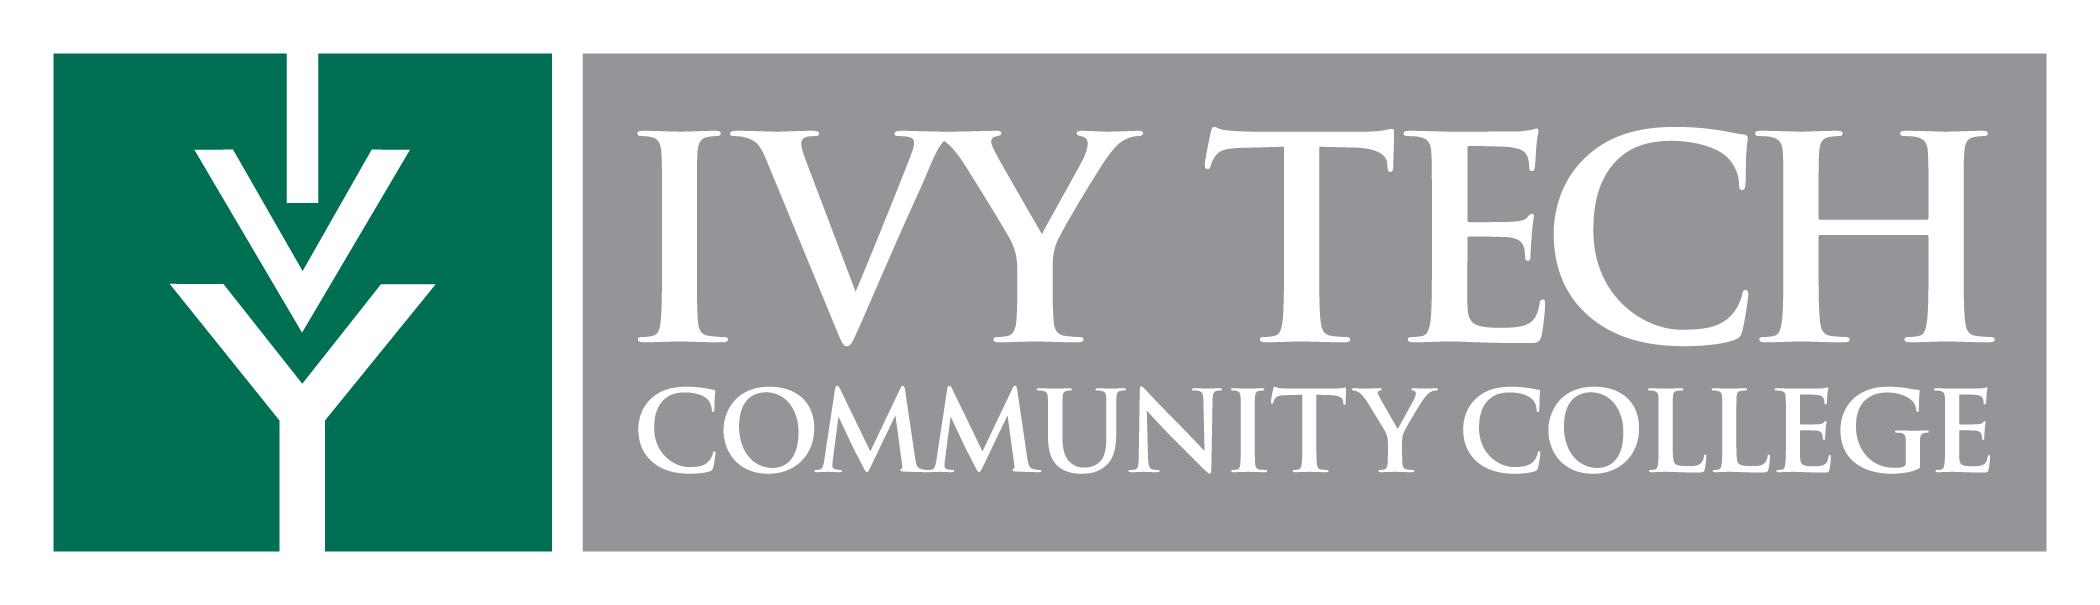 IVY HZ 4CW